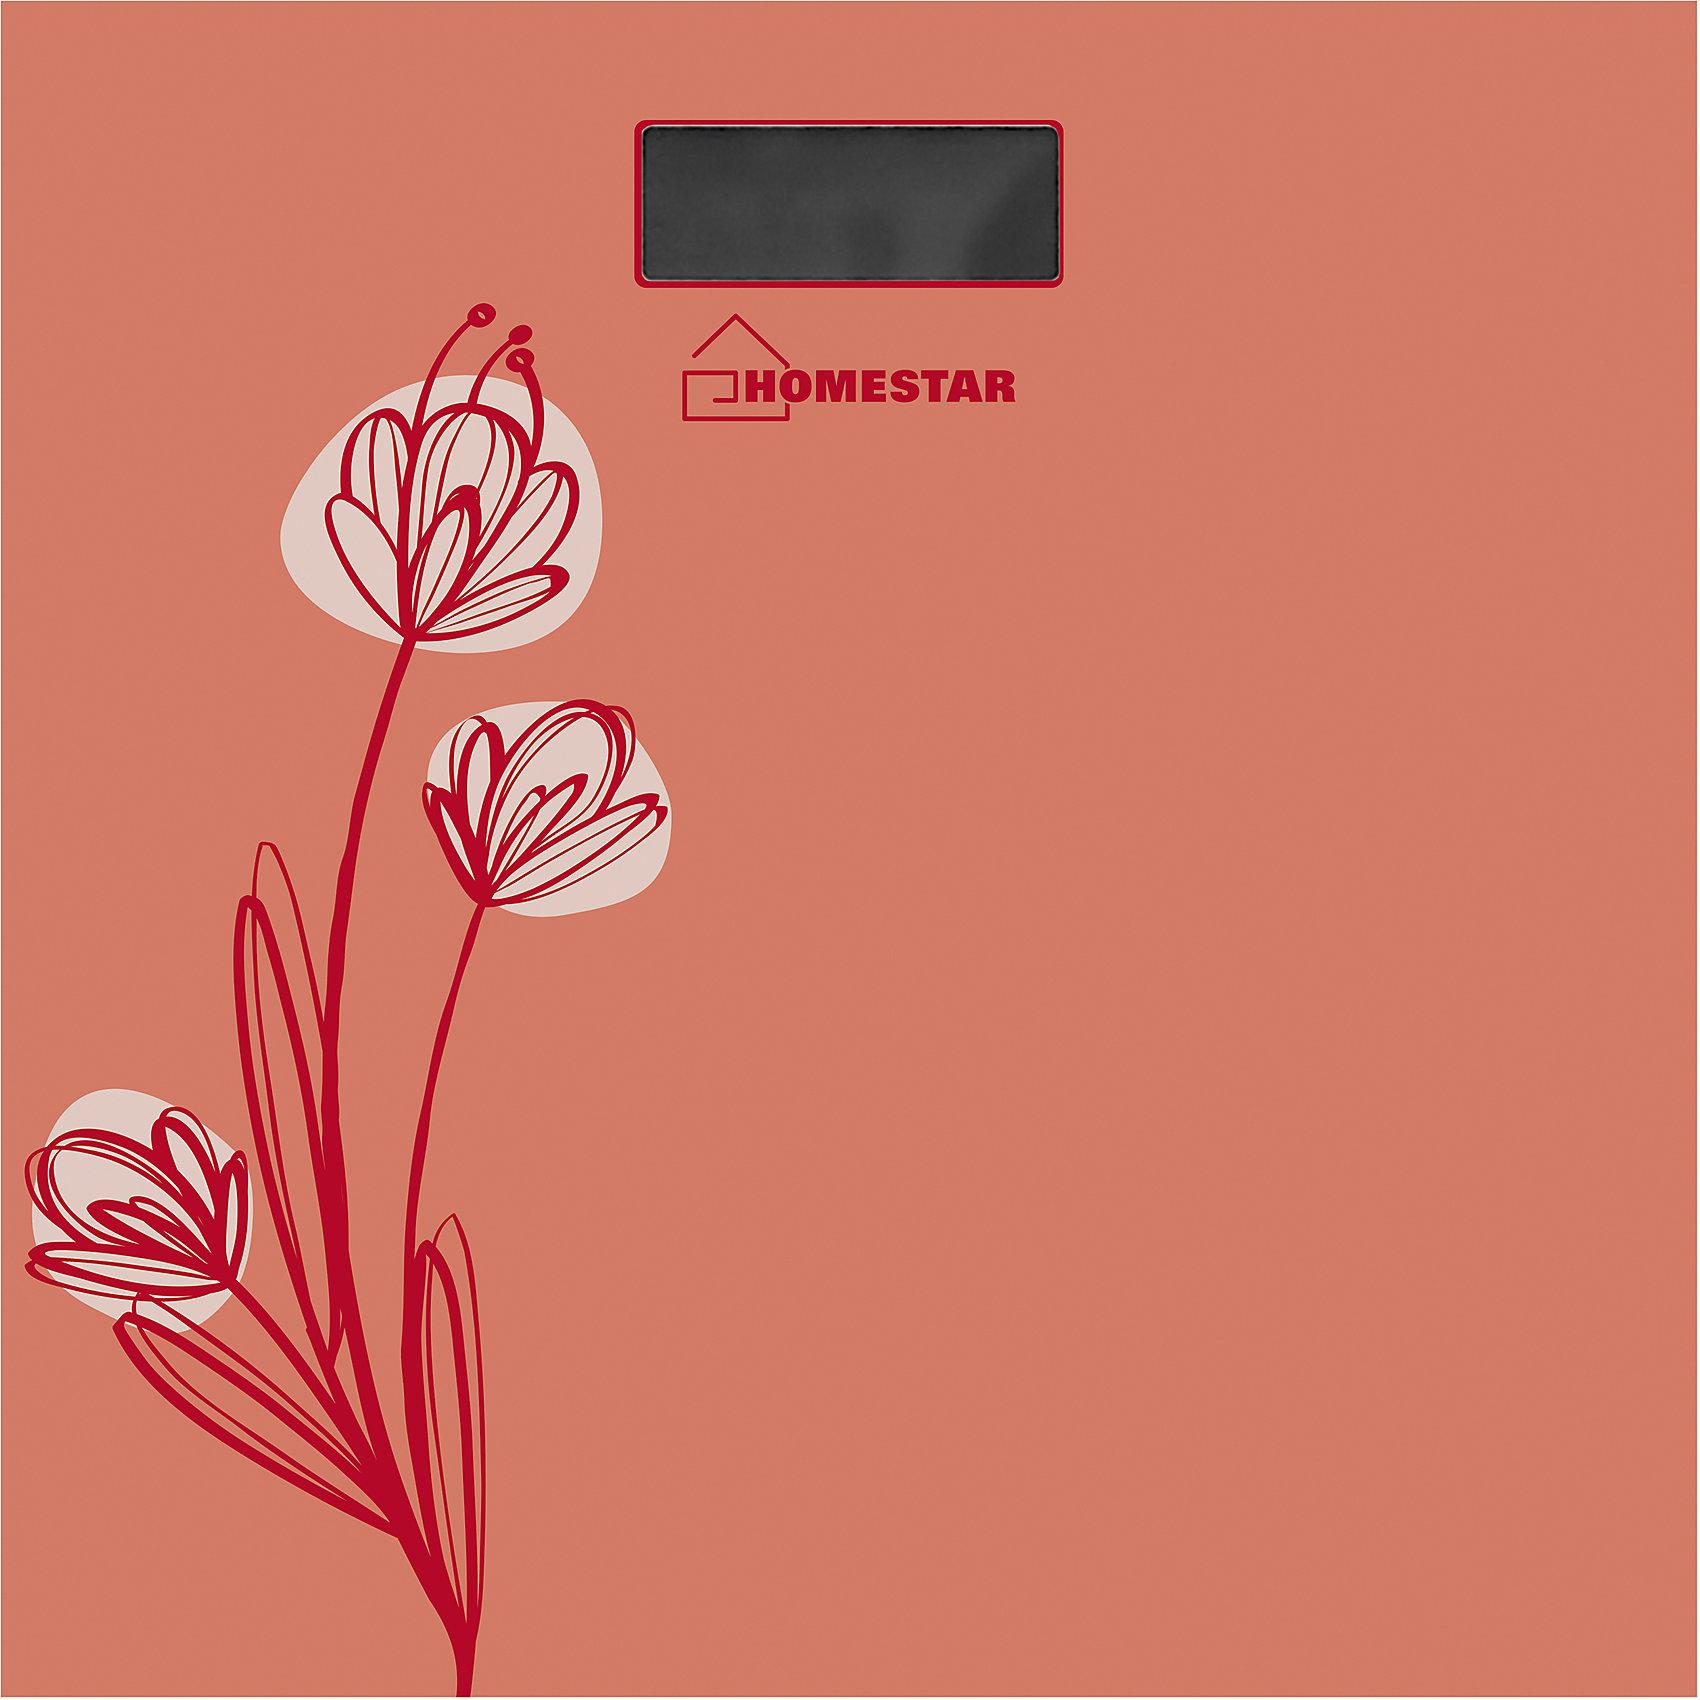 Весы напольные электронные HS-6001A, HOMESTARДетская бытовая техника<br>Весы напольные электронные HS-6001A, HOMESTAR (ХоумСтар)<br><br>Характеристики:<br><br>• поверхность весов из стекла<br>• максимальная нагрузка: 180 кг<br>• размер платформы: 26х26 см<br>• привлекательный дизайн<br>• единицы измерения: фунты, кг<br>• материал: стекло, пластик, металл<br>• батарейки: CR2032 - 1шт. (входит в комплект)<br><br>Если вы следите за своим весом, напольные часы HS-6001A станут вашим надежным помощником. Цифровое табло быстро покажет точный вес, измеряемый весами. Стеклянная платформа имеет размер 26х26 см и выдерживает нагрузку до 180 килограмм. Кроме того, весы имеют очень приятное оформление, которое всегда будет радовать глаз.<br><br>Весы напольные электронные HS-6001A, HOMESTAR (ХоумСтар) вы можете купить в нашем интернет-магазине.<br><br>Ширина мм: 300<br>Глубина мм: 270<br>Высота мм: 20<br>Вес г: 1119<br>Возраст от месяцев: 0<br>Возраст до месяцев: 36<br>Пол: Унисекс<br>Возраст: Детский<br>SKU: 5454045